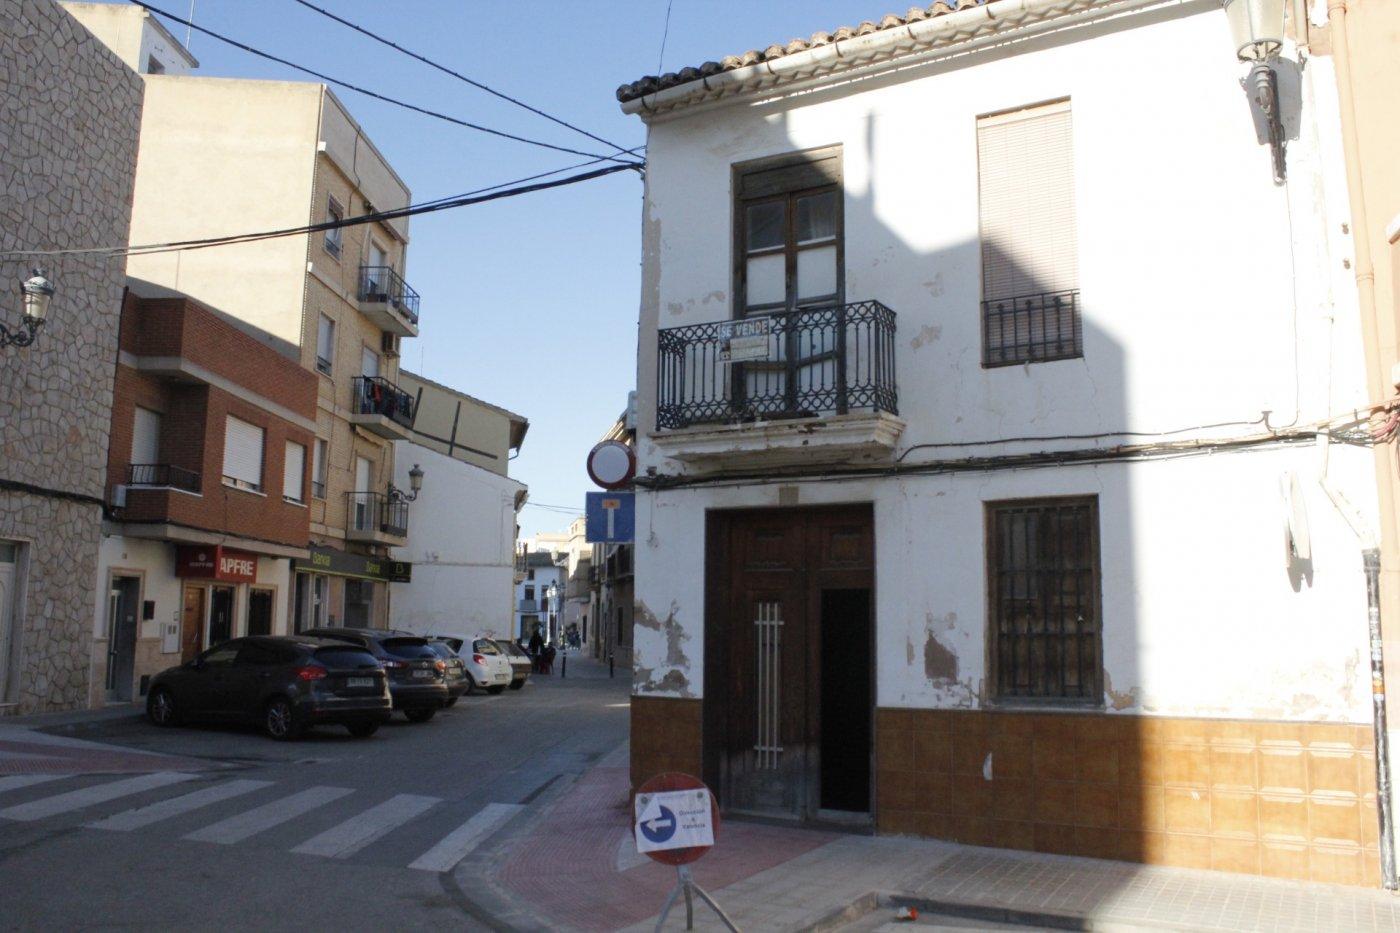 Se Vende Casa céntrica en Albalat dels Sorells